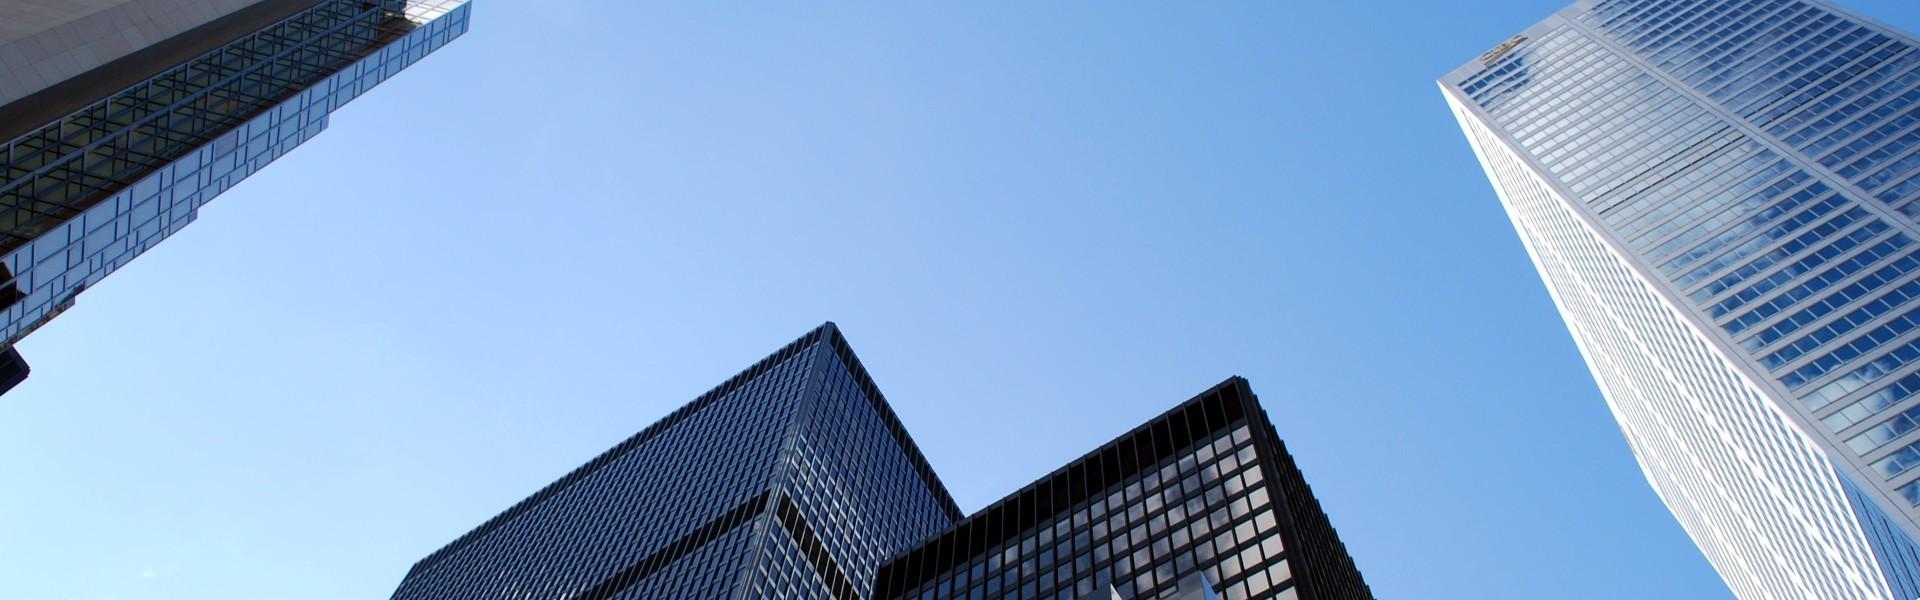 Photographie pour entreprises et corporate